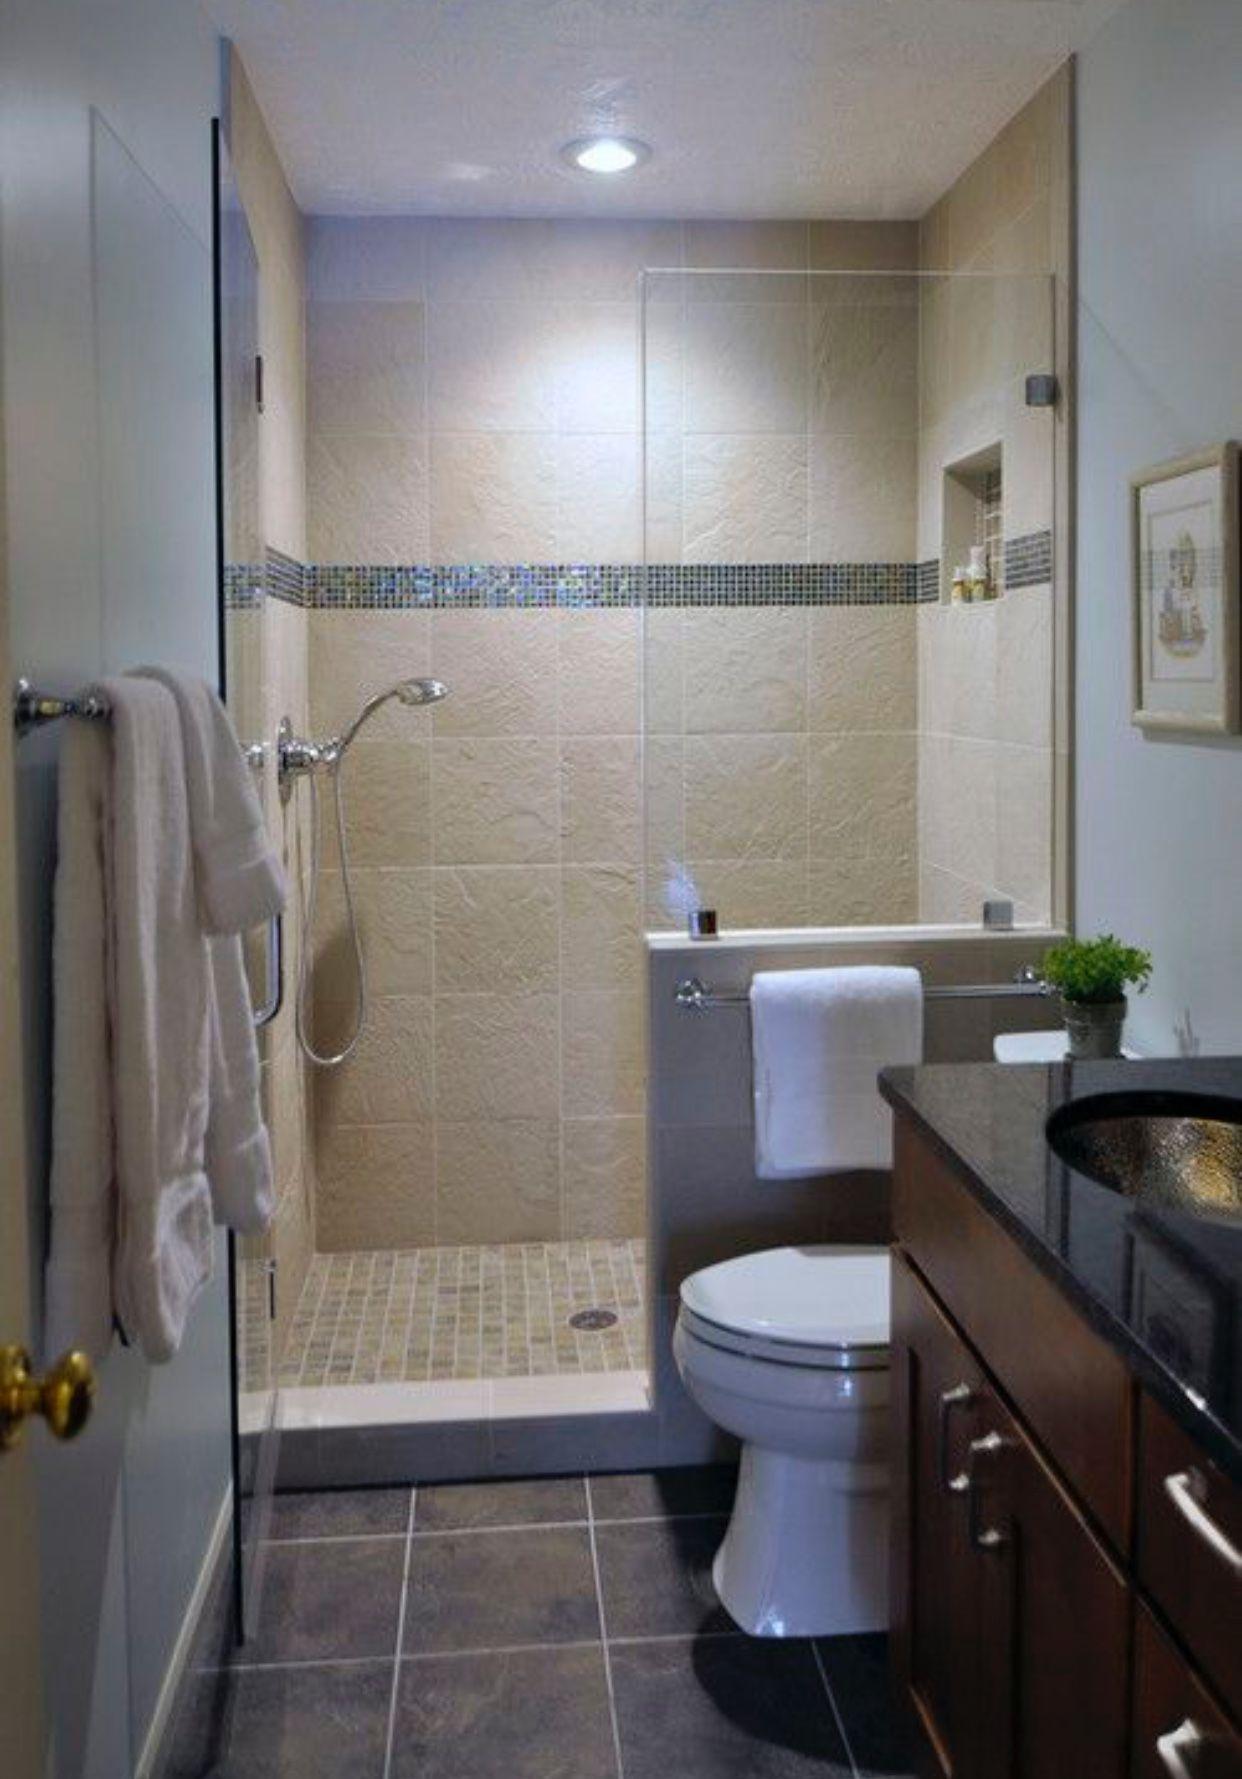 Pinluis Guerra On Servicios Higiénicos  Pinterest Gorgeous Simple Bathroom Remodels Review